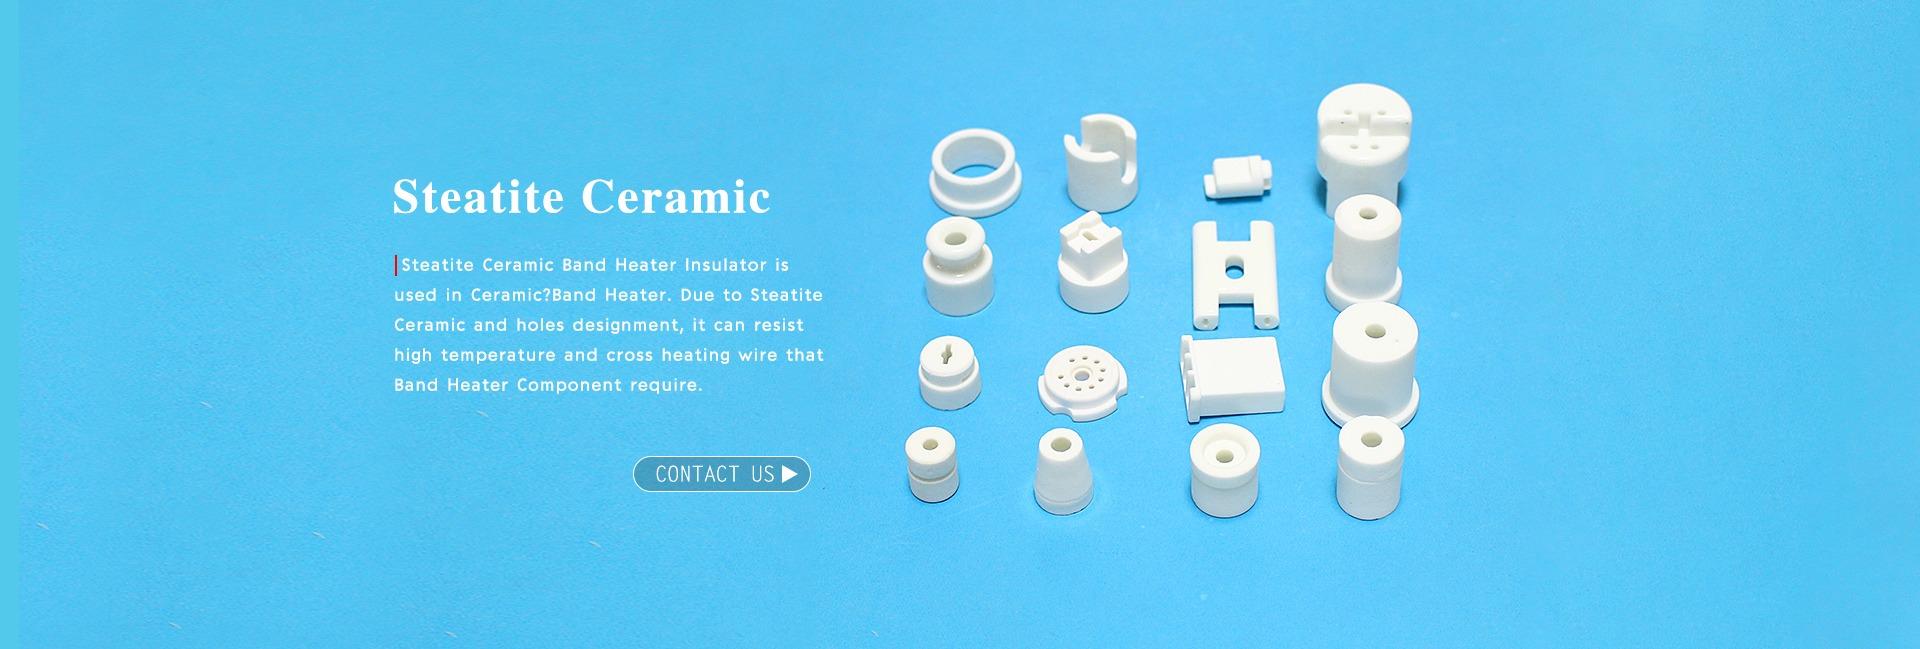 Steatite Ceramic Parts